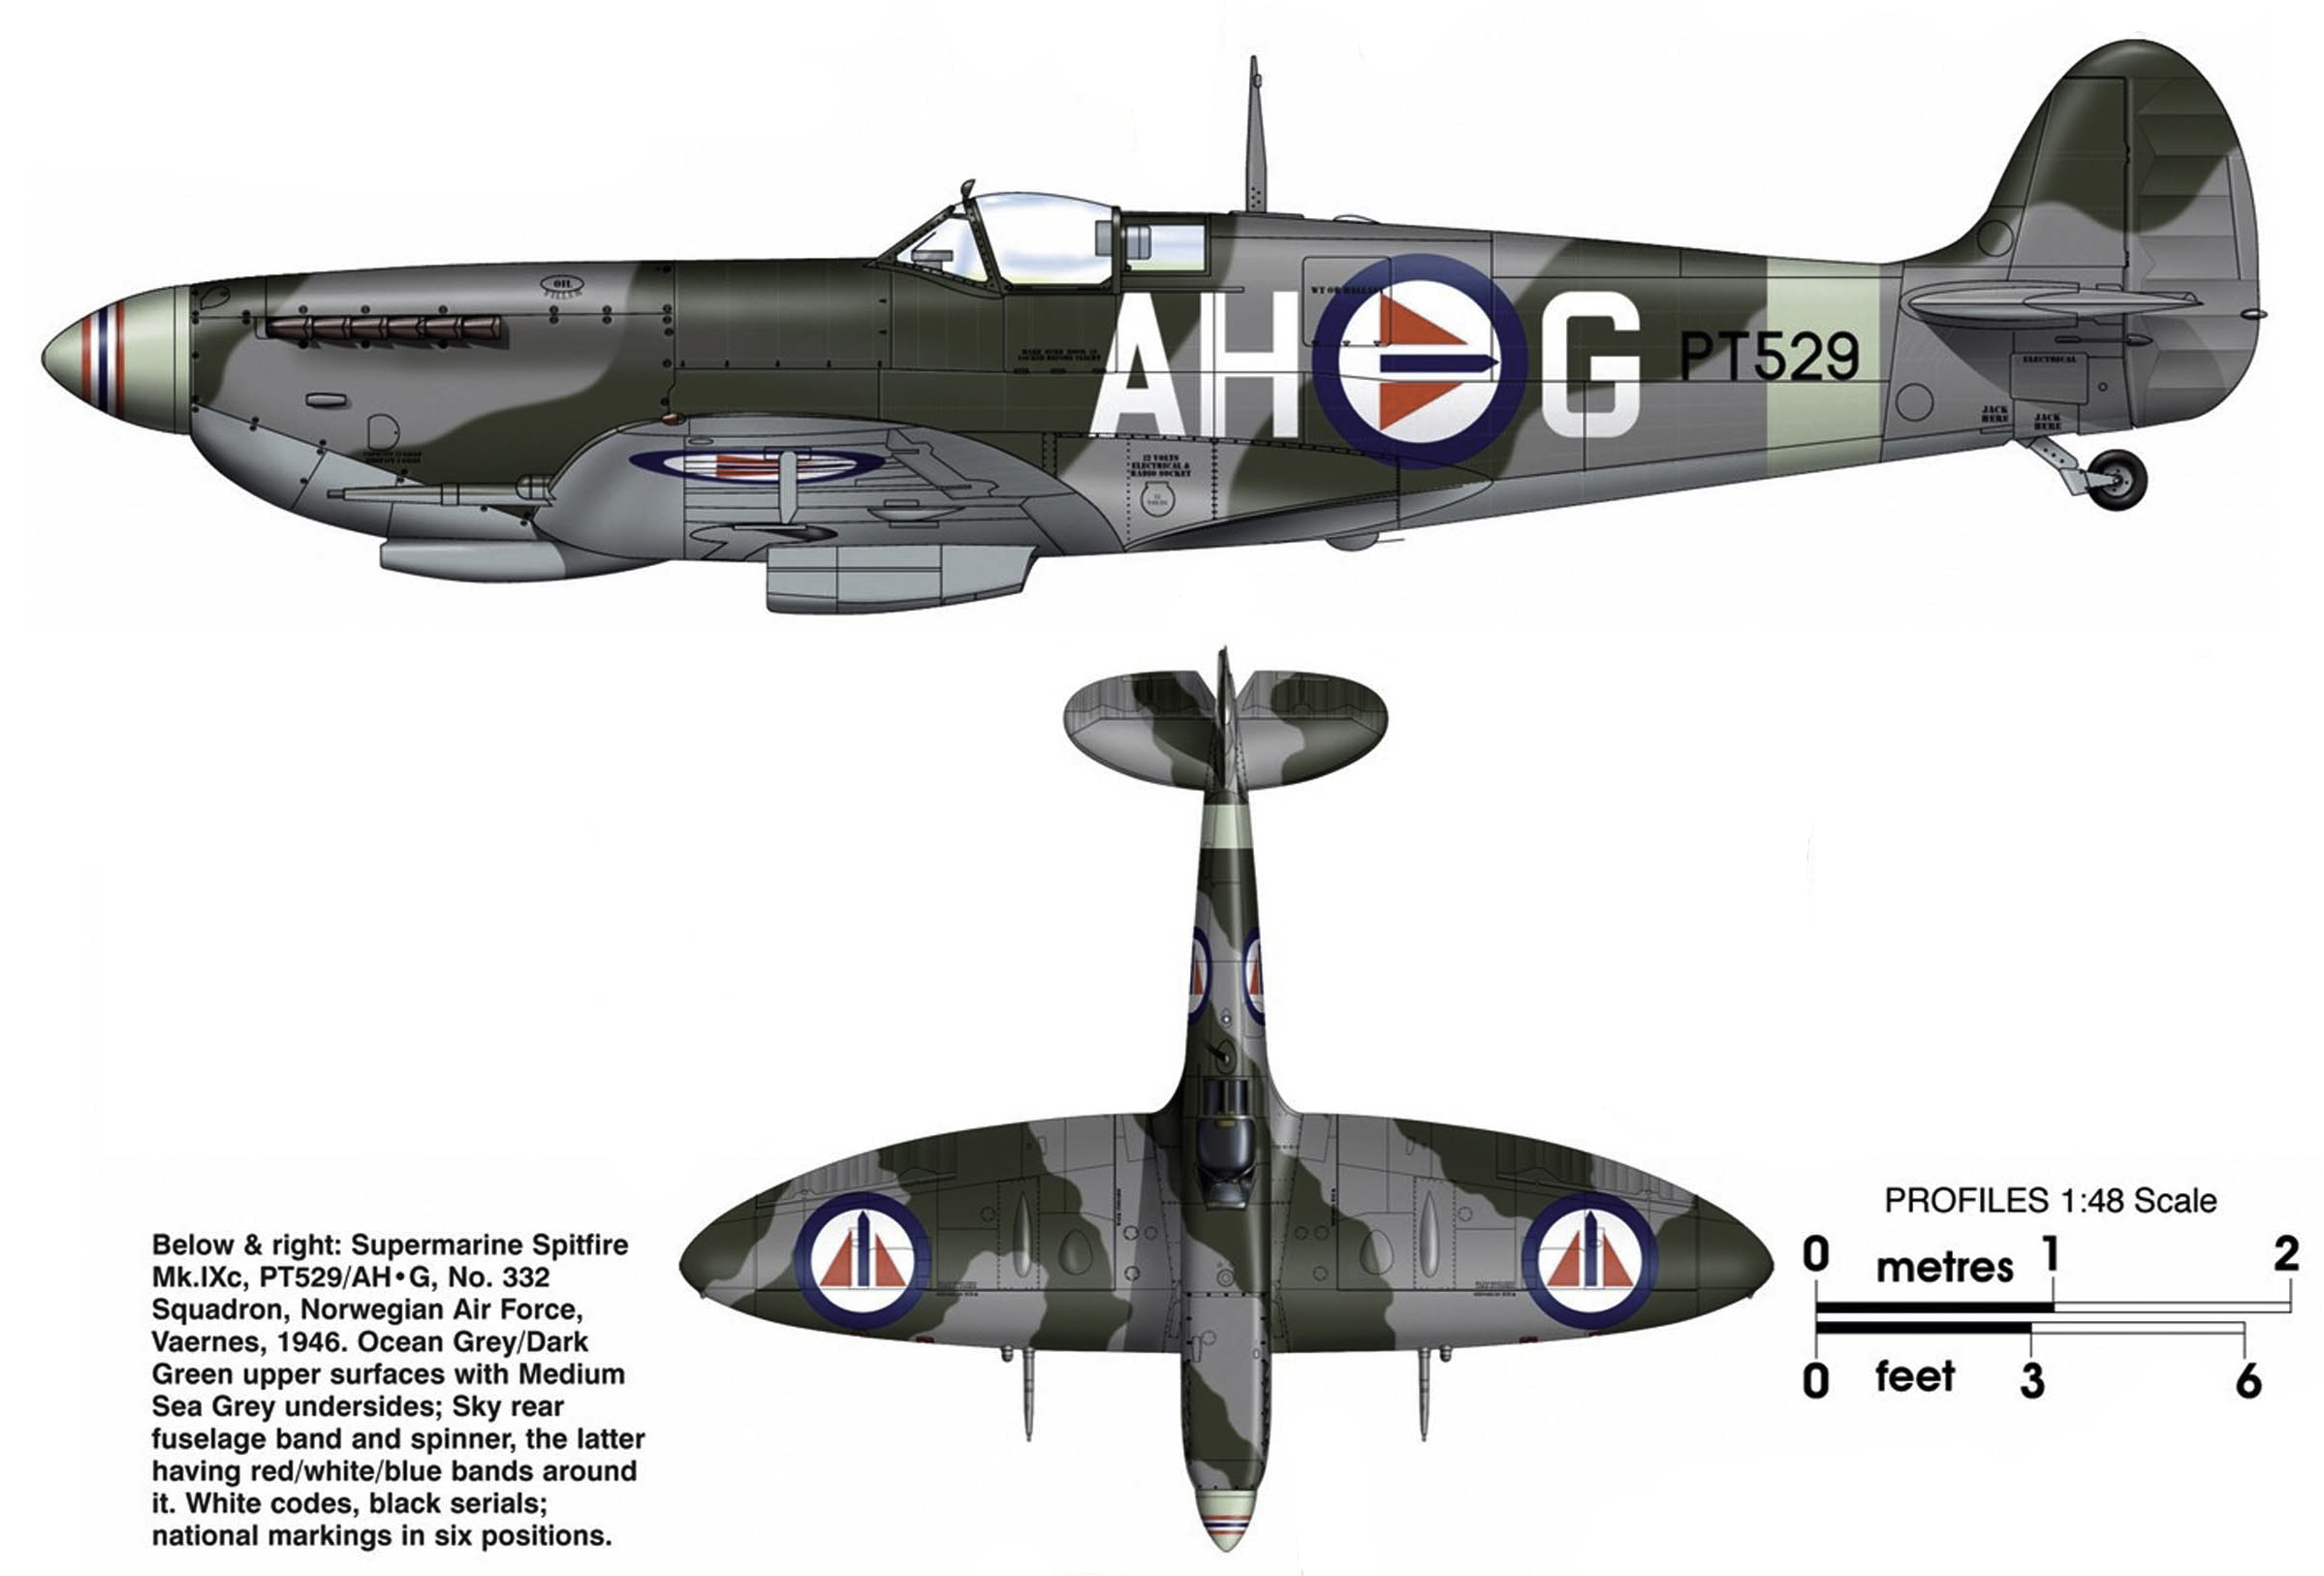 Spitfire MkIXc RAF 332Sqn AHG PT529 Vaernes 1946 0A